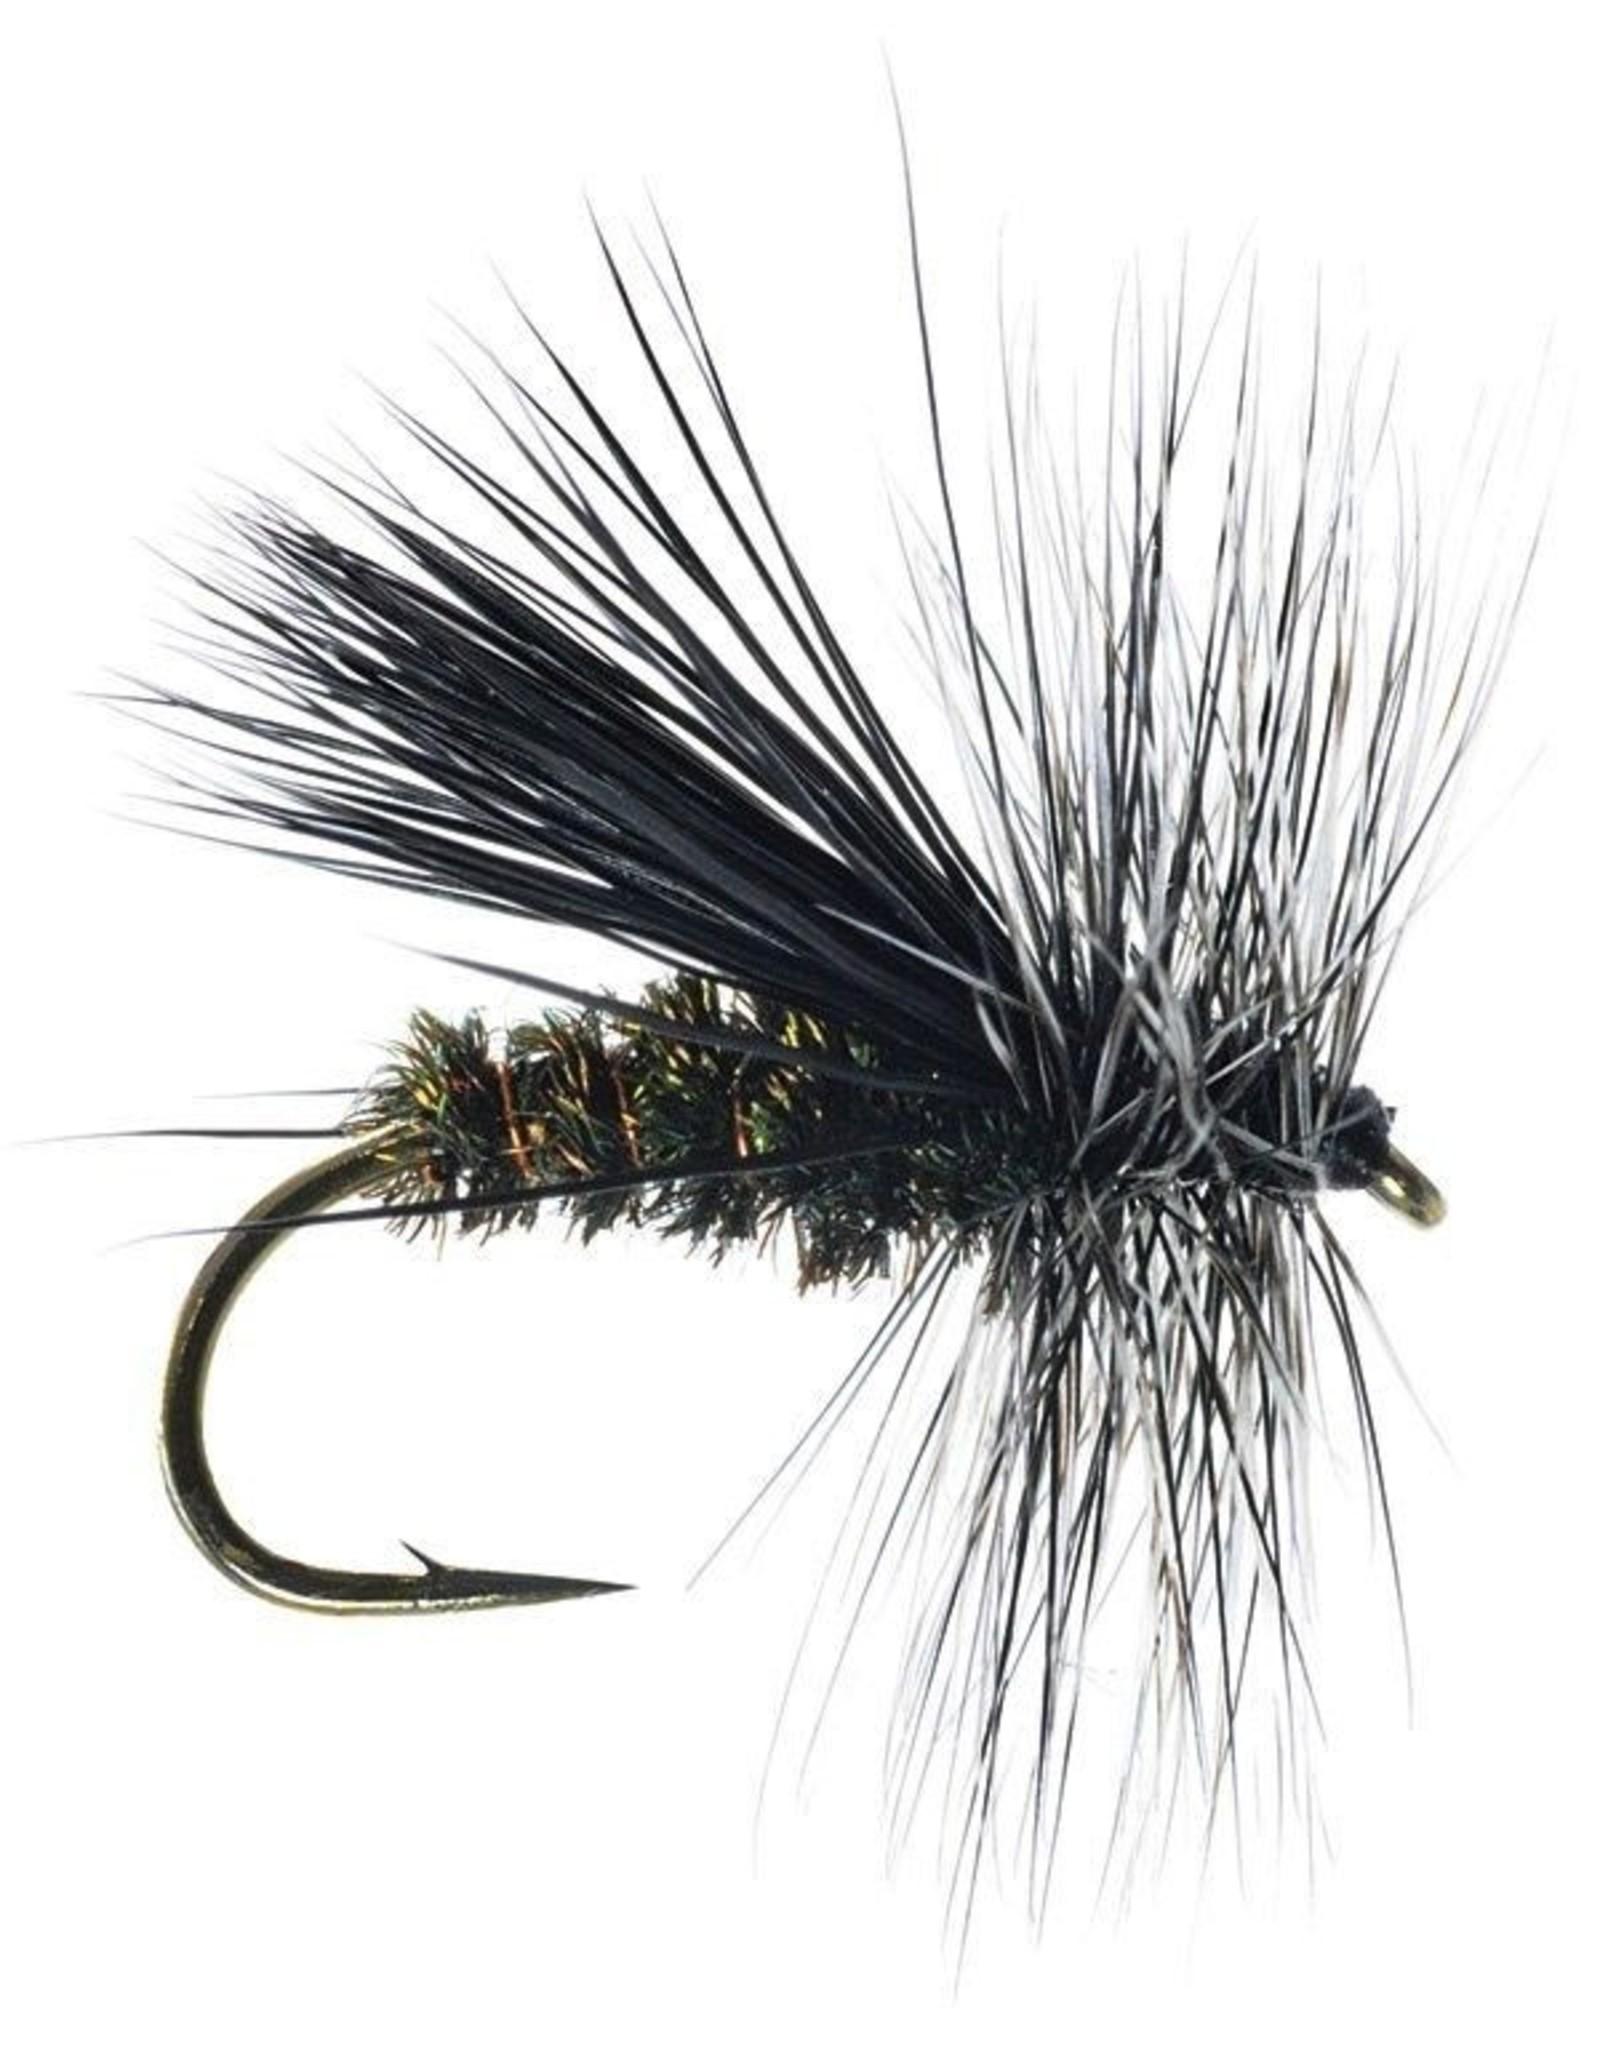 Umpqua Durangler's Peacock Caddis (3 Pack)